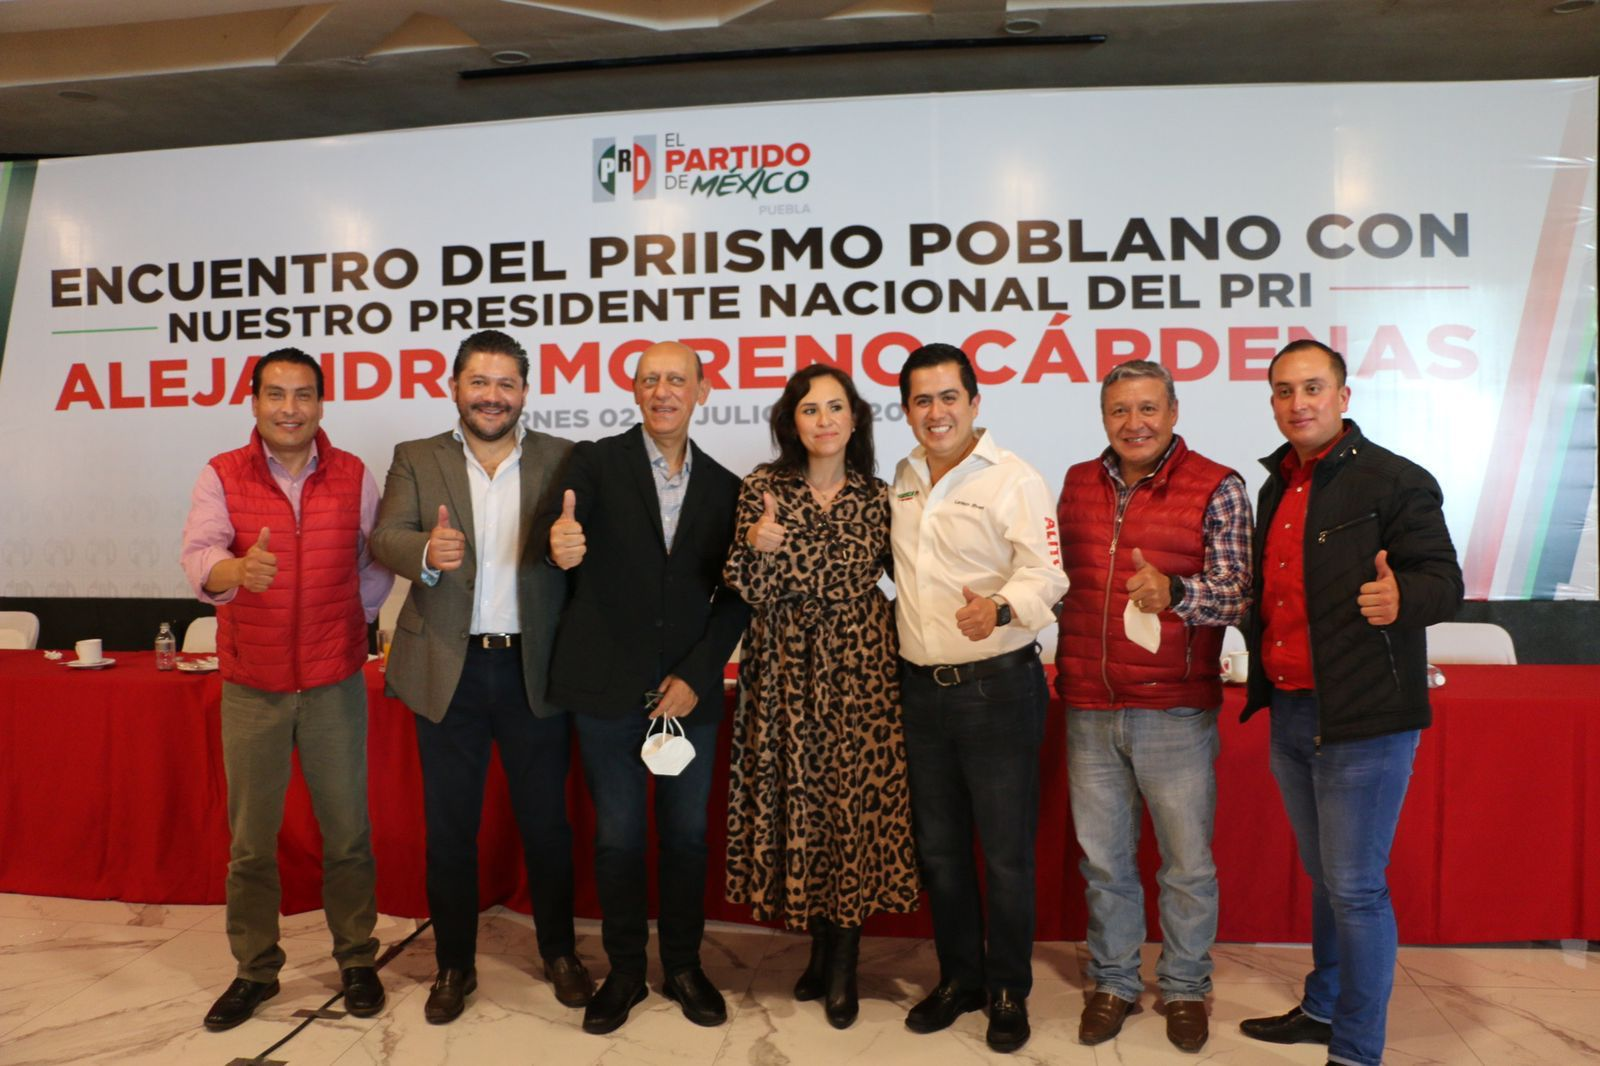 Lorenzo Rivera, destaca su trabajo de campaña, en reunión con el Dirigente Nacional del PRI, Alito Moreno